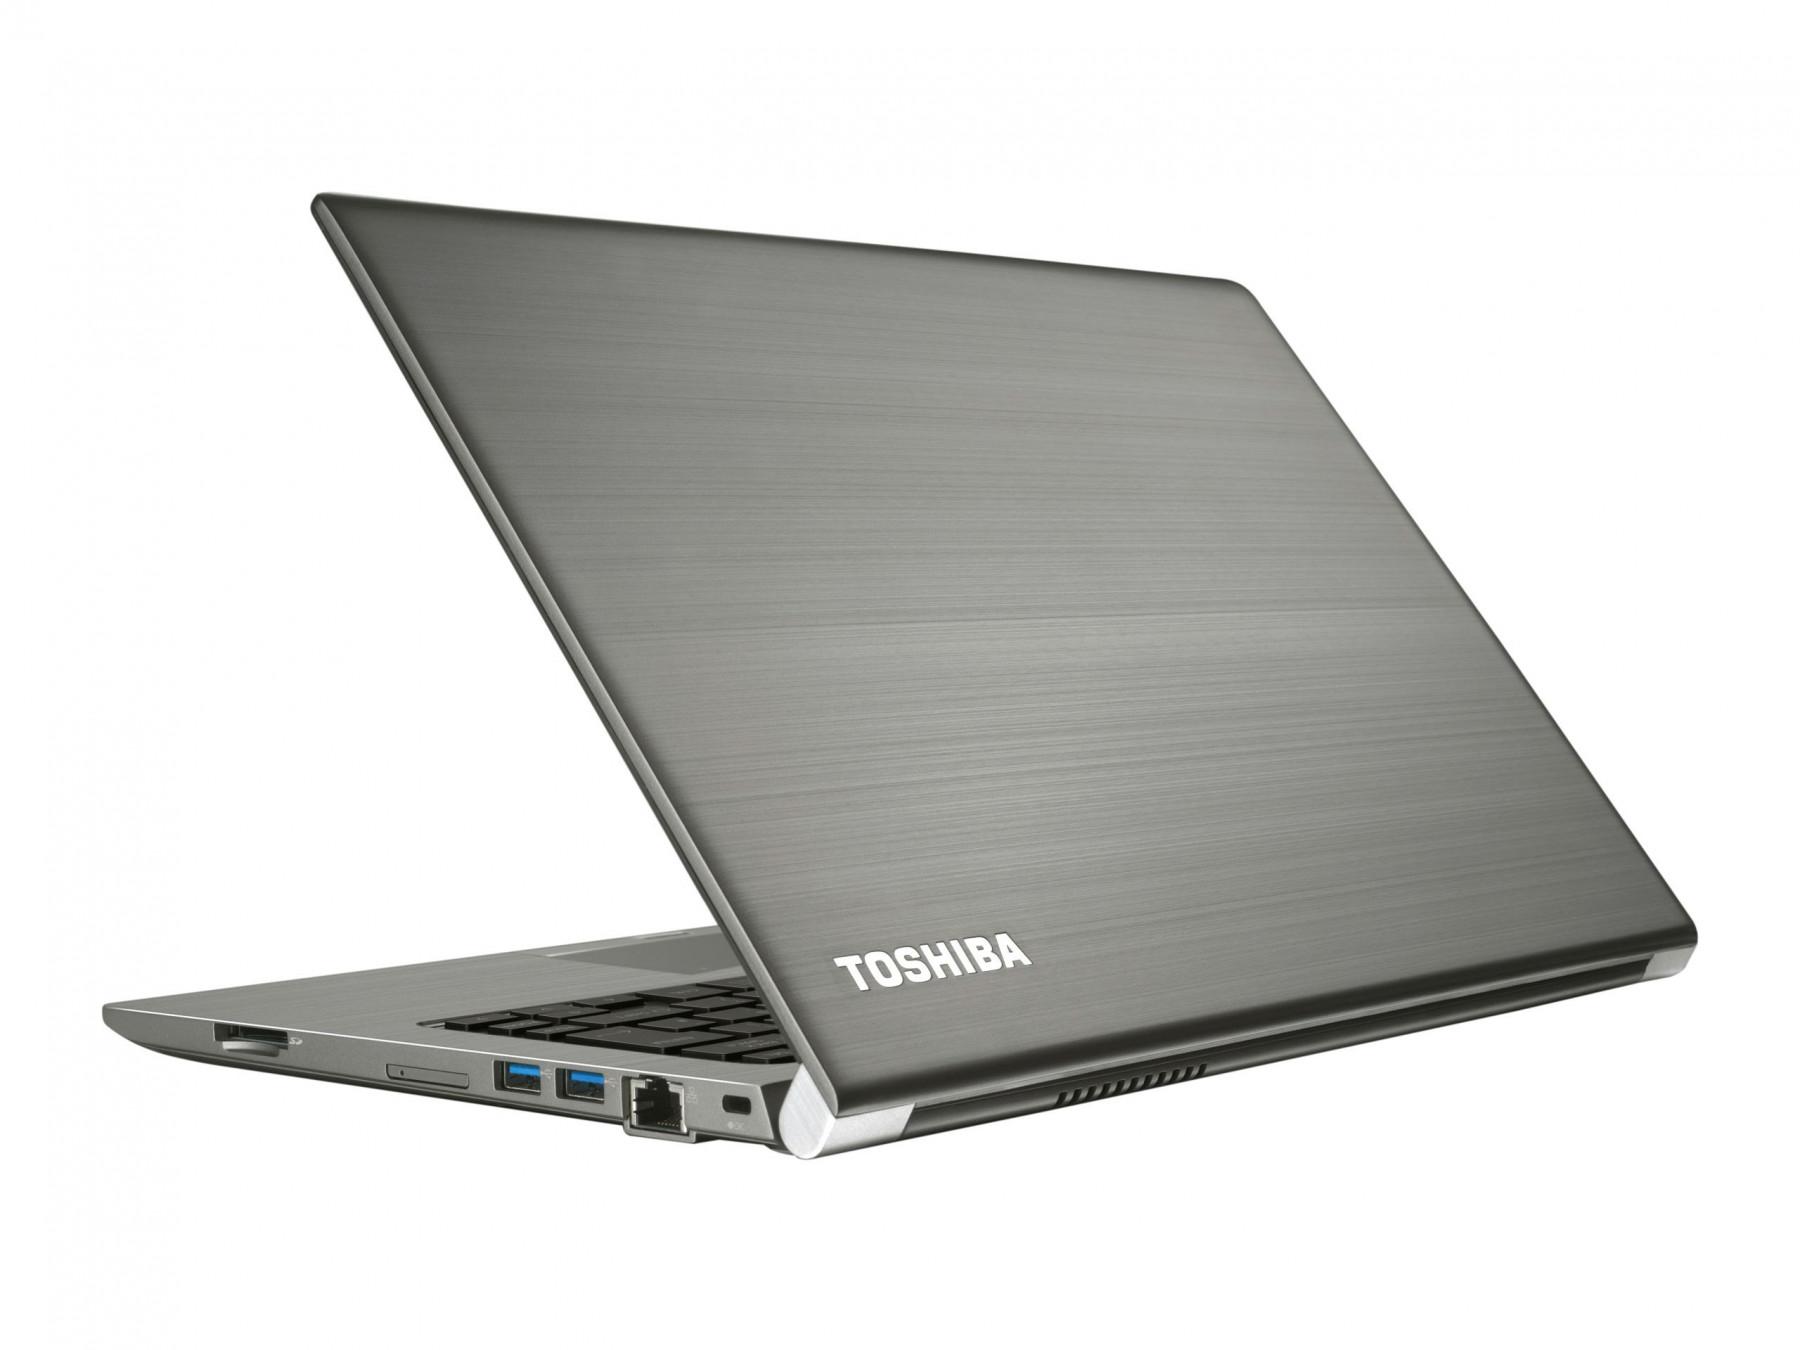 لابتوب Toshiba Z30 - كور i7 جيل رابع - هارد 256 SSD - رامات 8 جيجا